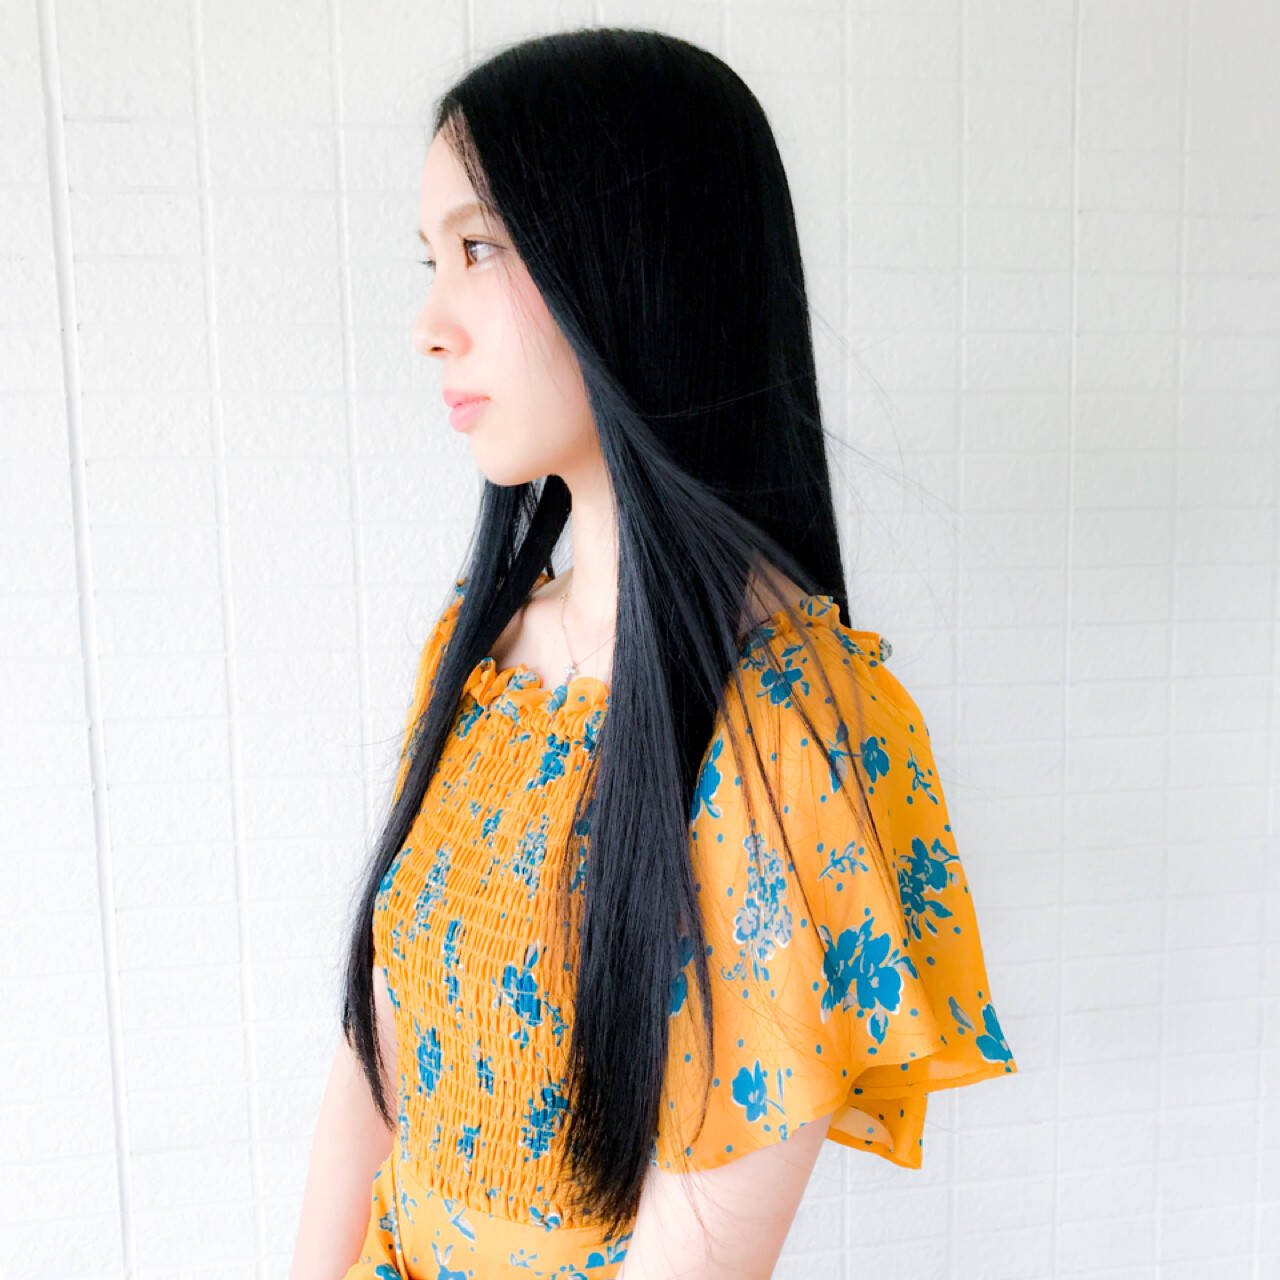 ナチュラル 黒髪 ロング 艶髪ヘアスタイルや髪型の写真・画像